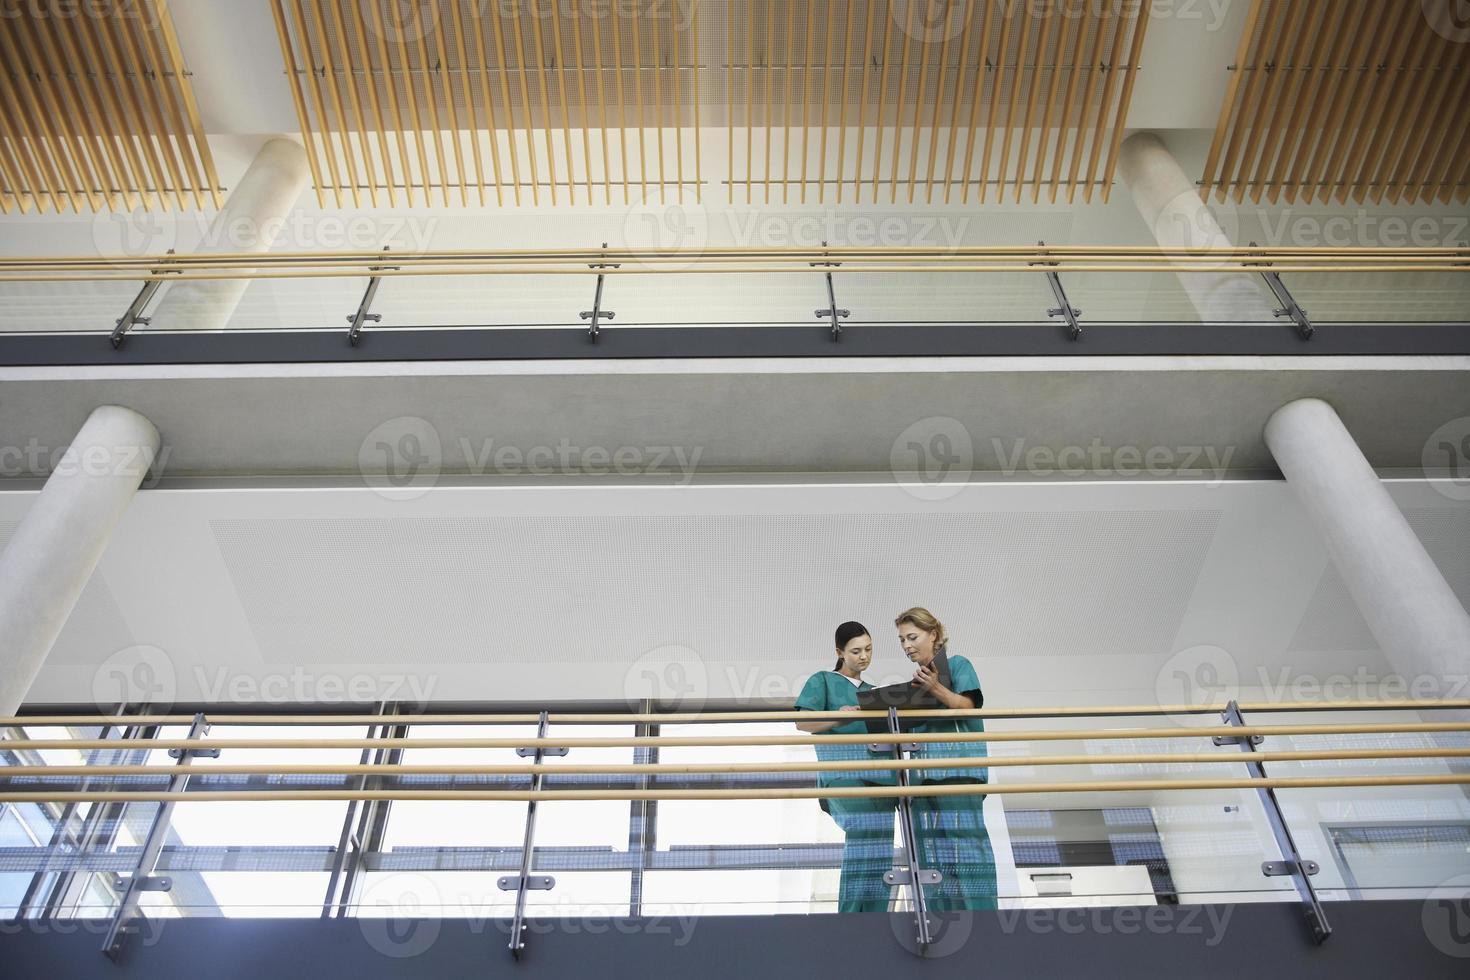 operatori sanitari guardando il grafico sul balcone foto